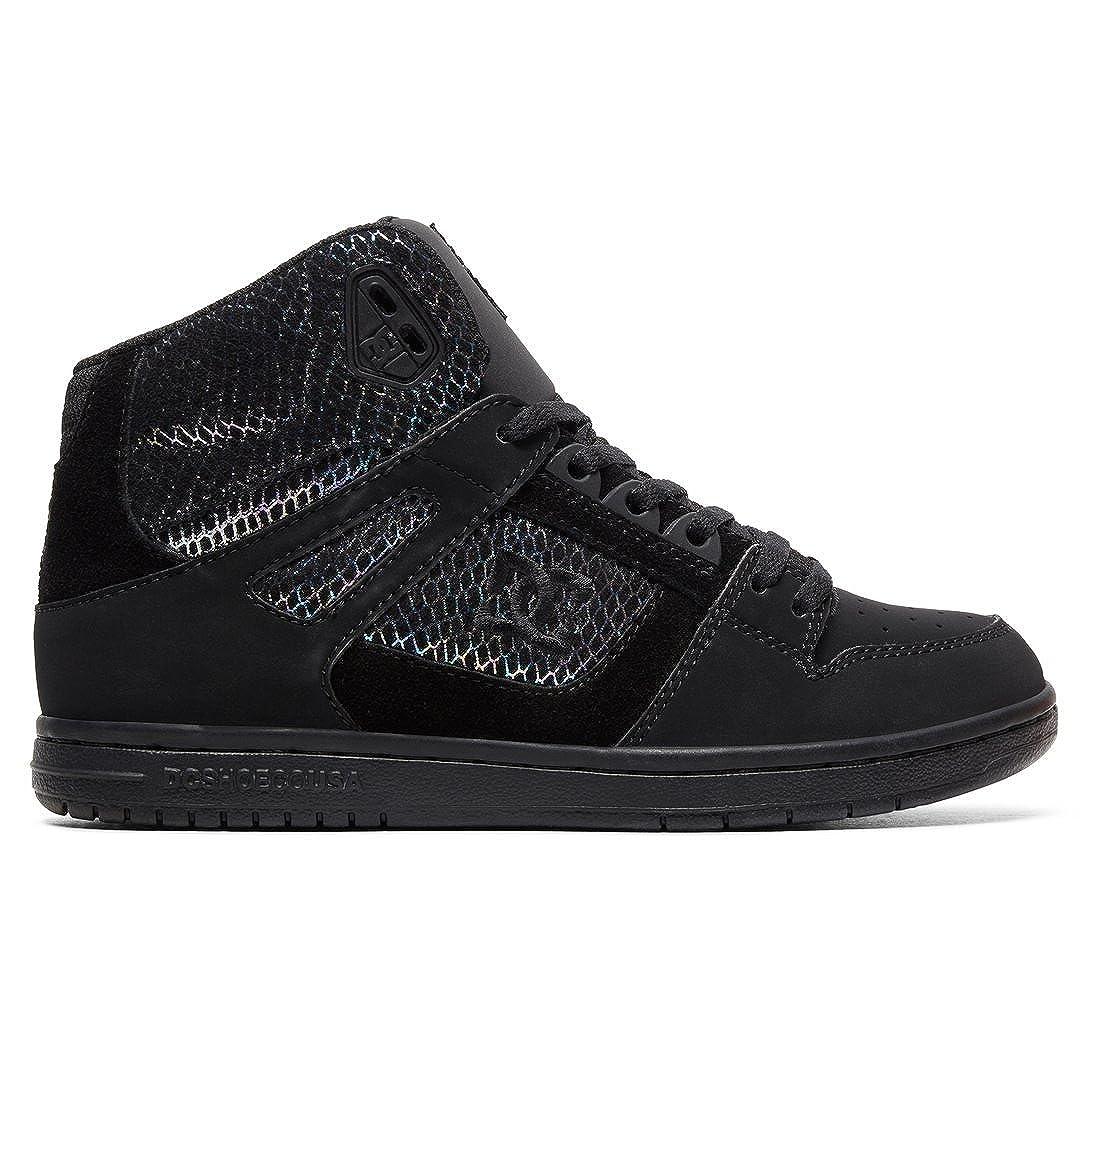 DC Schuhes Pure SE - Hi Tops für Frauen ADJS100116 schwarz/Silver/schwarz